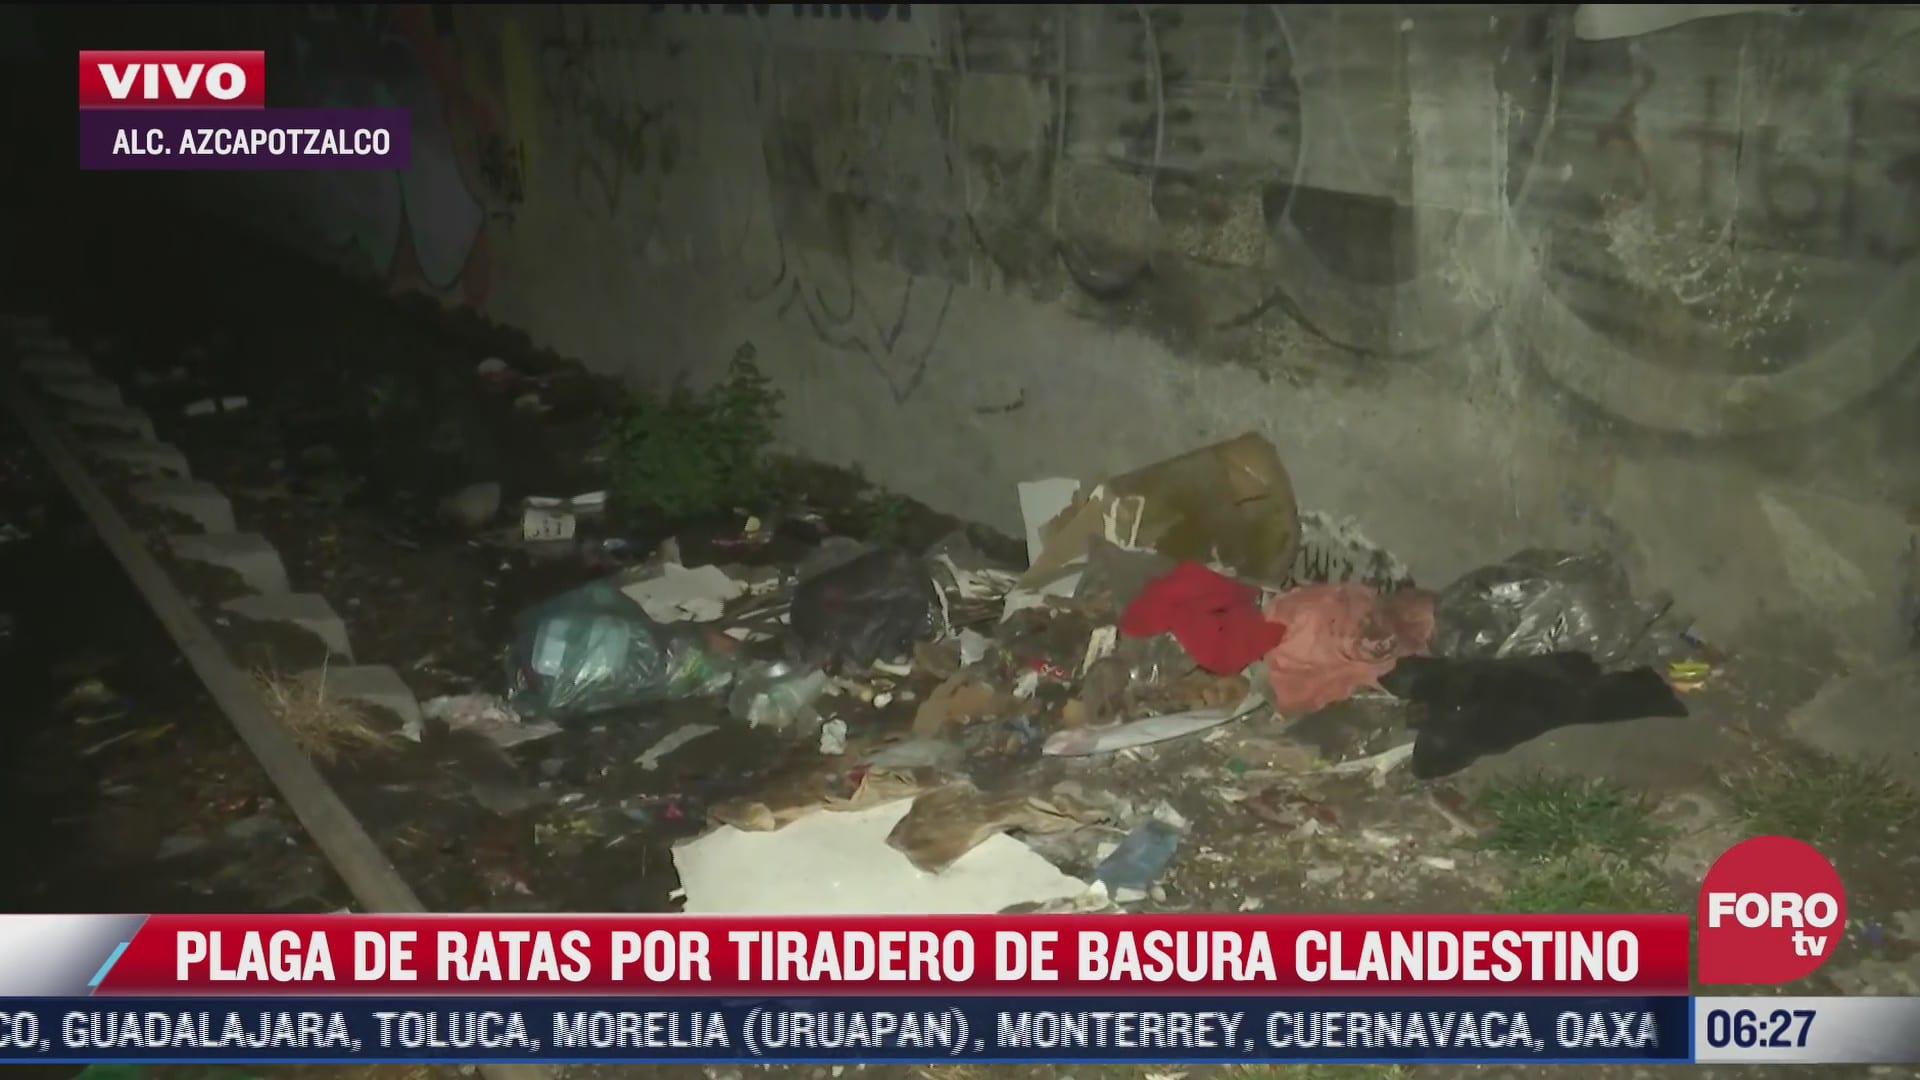 captan plaga de ratas en tiradero clandestino de basura en azcapotzalco